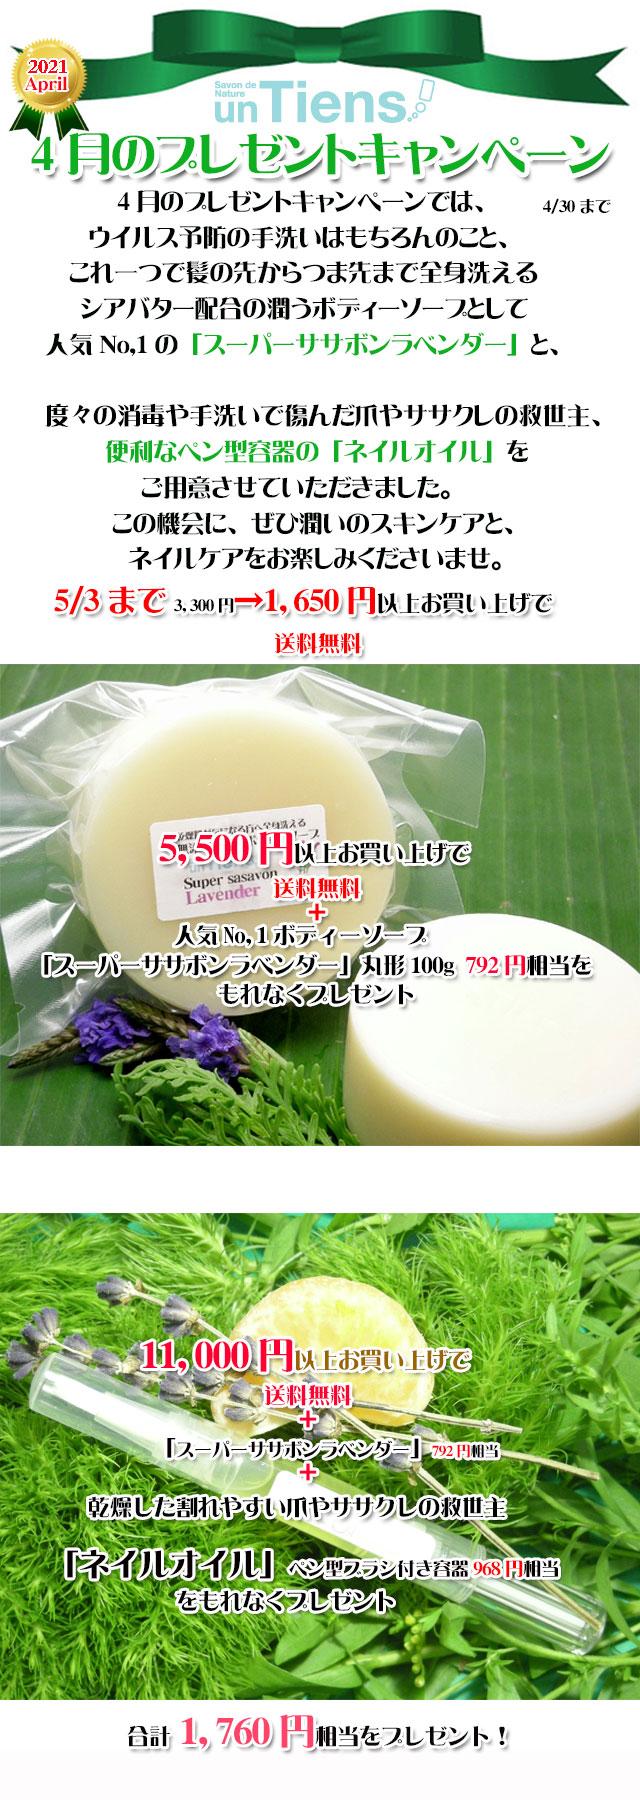 オーガニック化粧品手作り石鹸アンティアン2104今月のキャンペーンtop